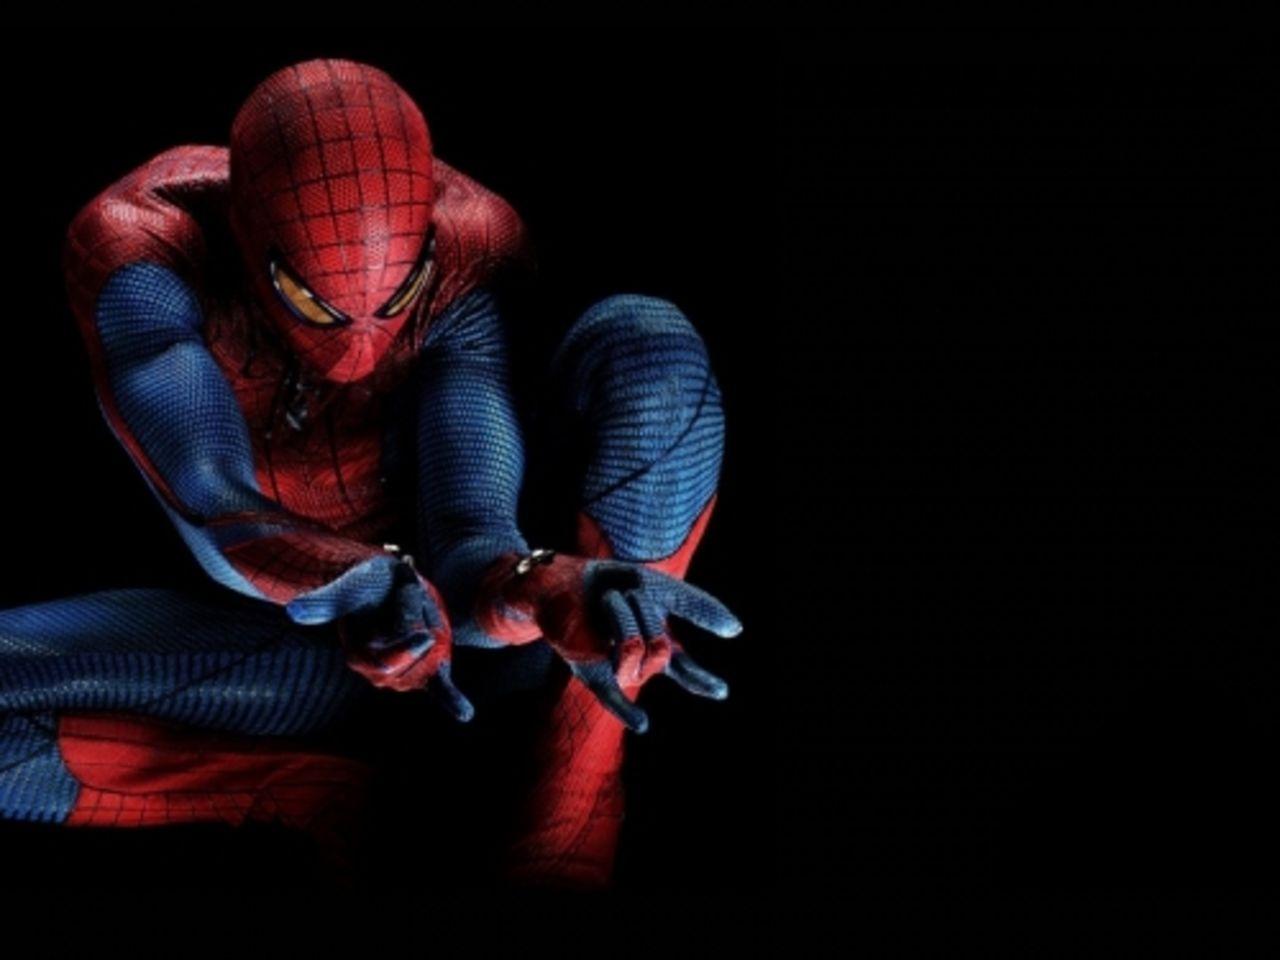 Человек-паук — история появления, комиксы, кино